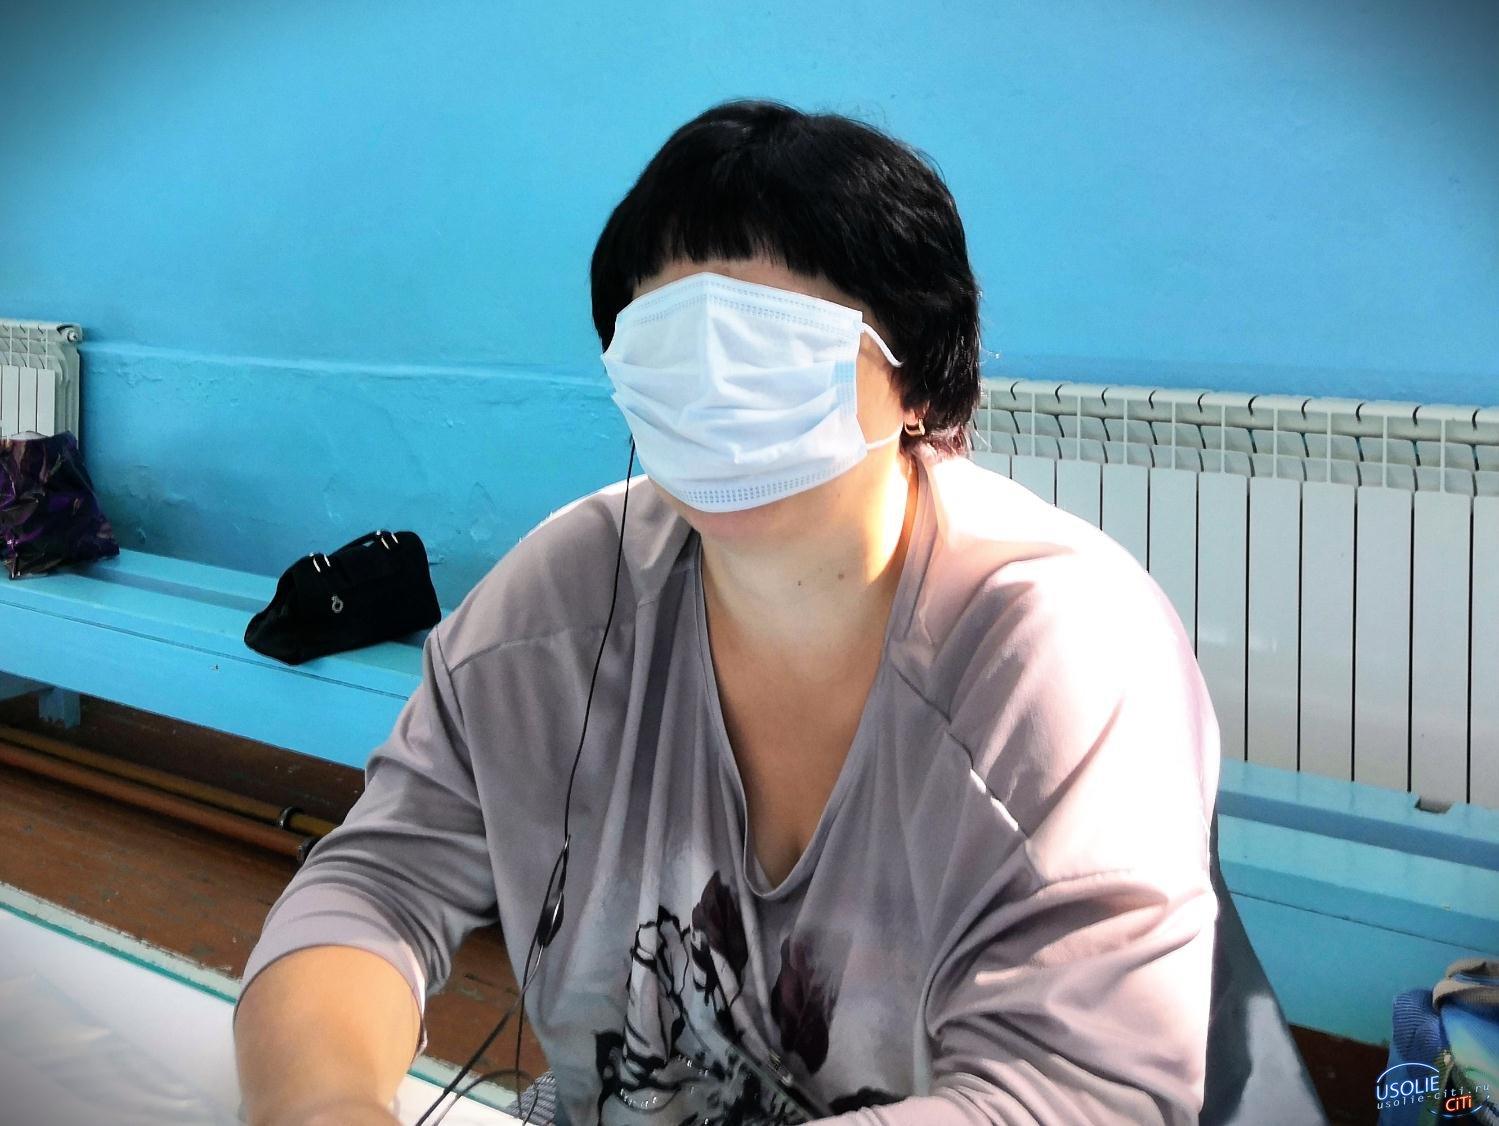 Ещё на две недели: Со вспышкой коронавирусом Усолье ушло на выходные